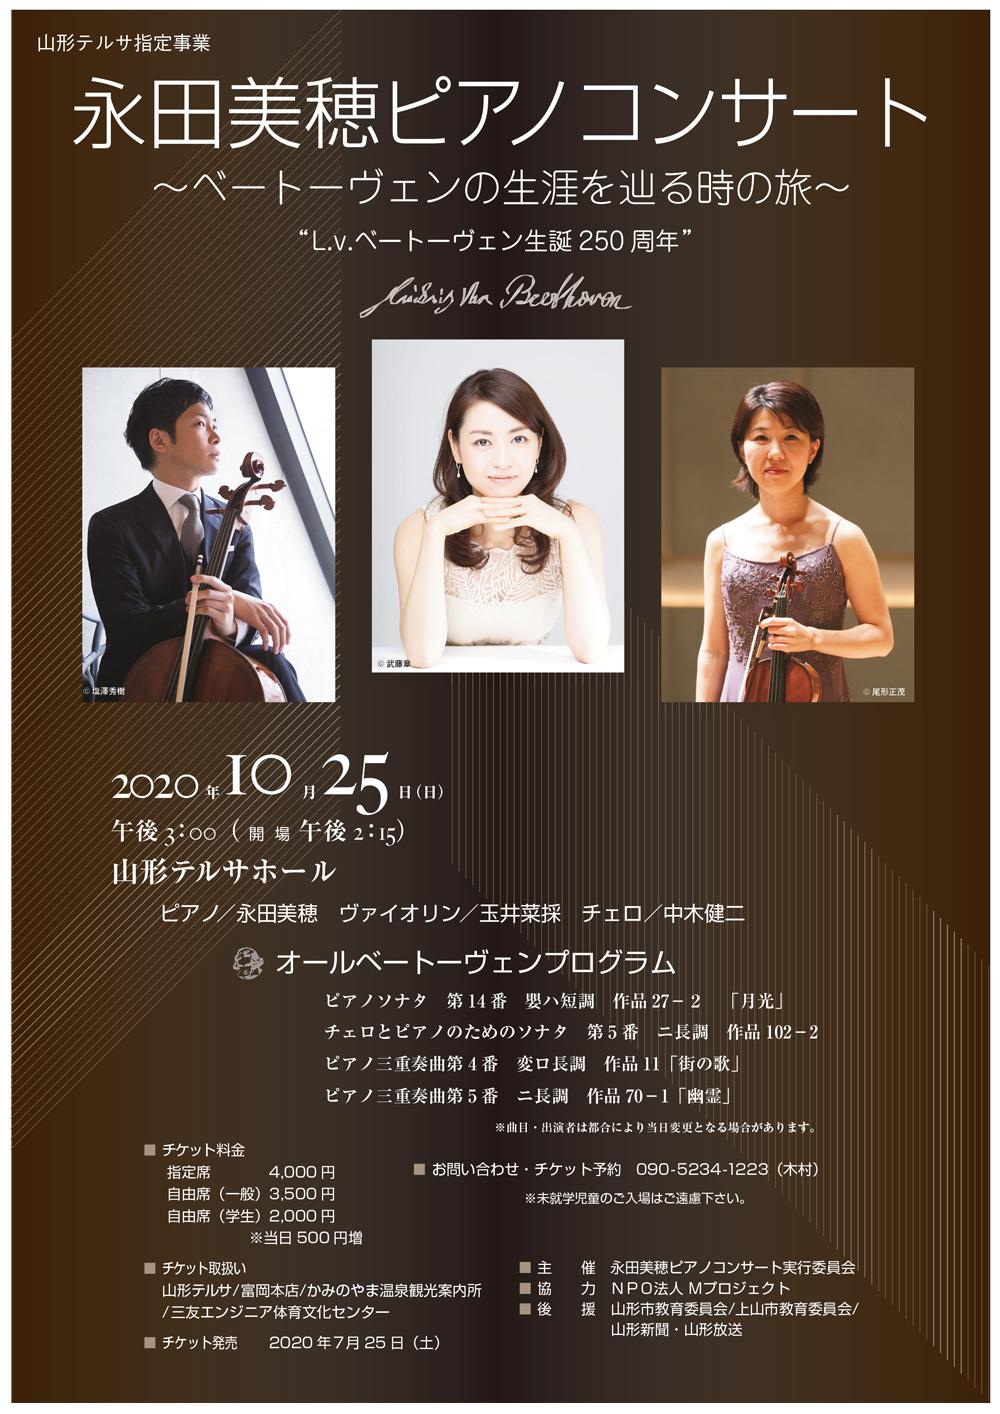 永田美穂ピアノコンサート<br>~ベートーヴェンの生涯を辿る時の旅~